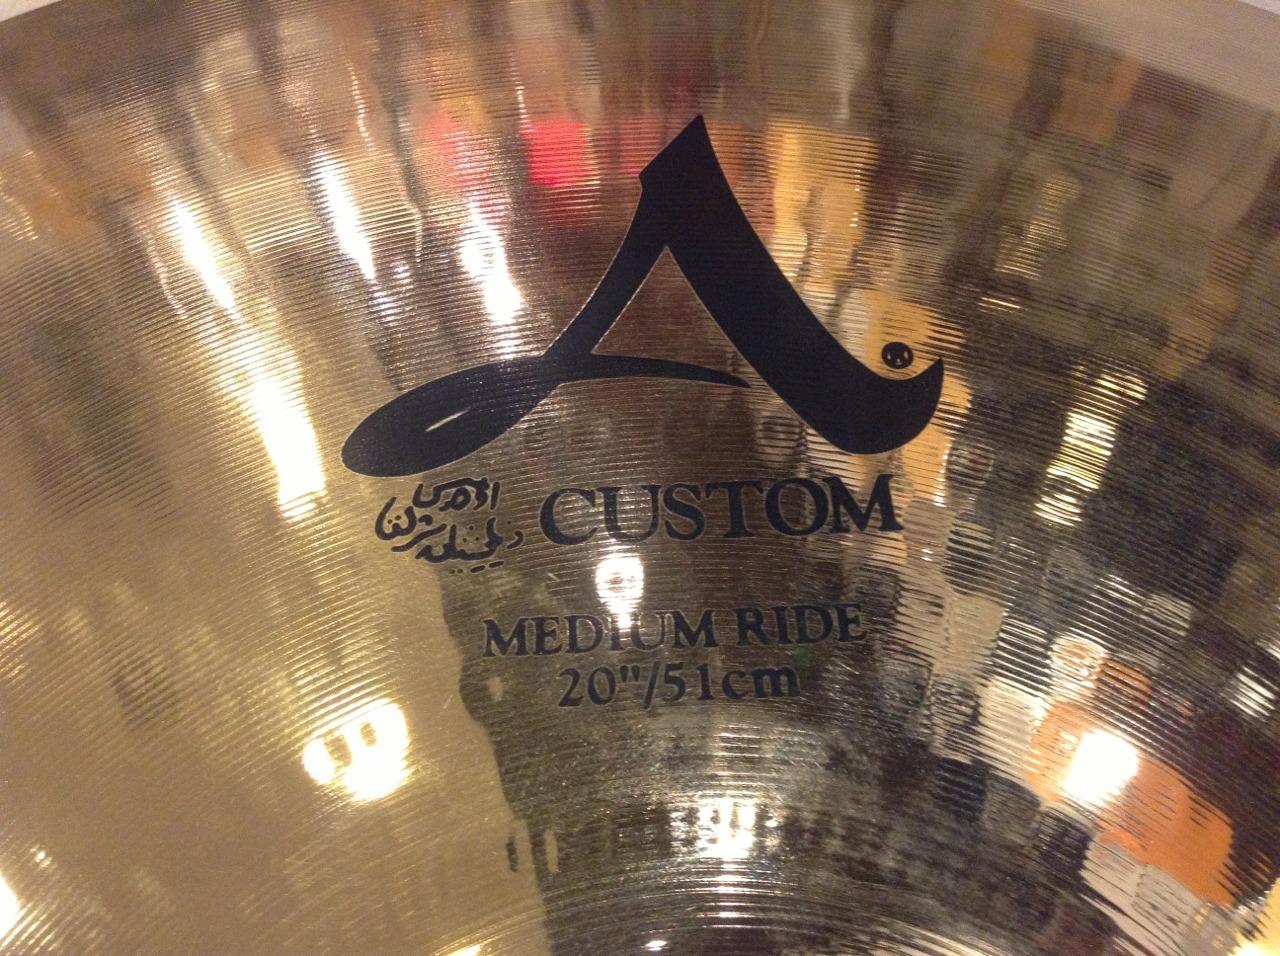 A-Custom